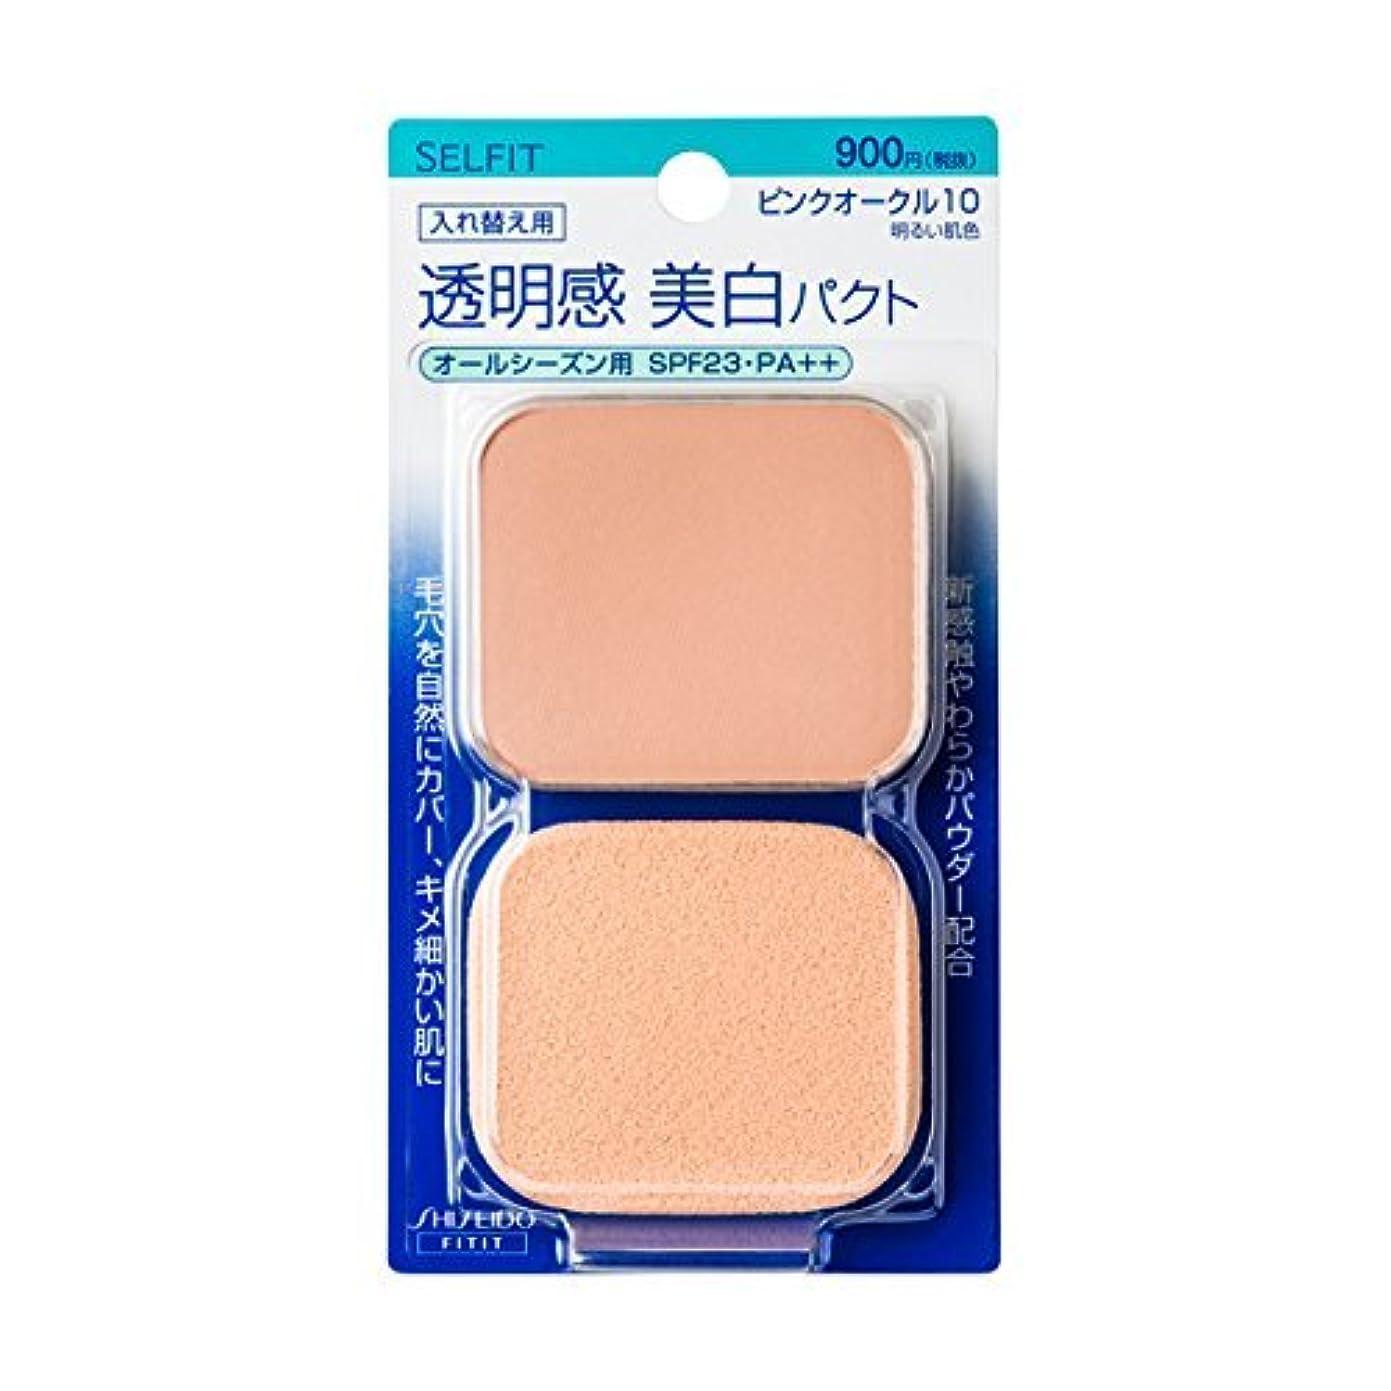 拘束遠洋の戸口セルフィット ピュアホワイトファンデーション ピンクオークル10 (レフィル) 13g×6個